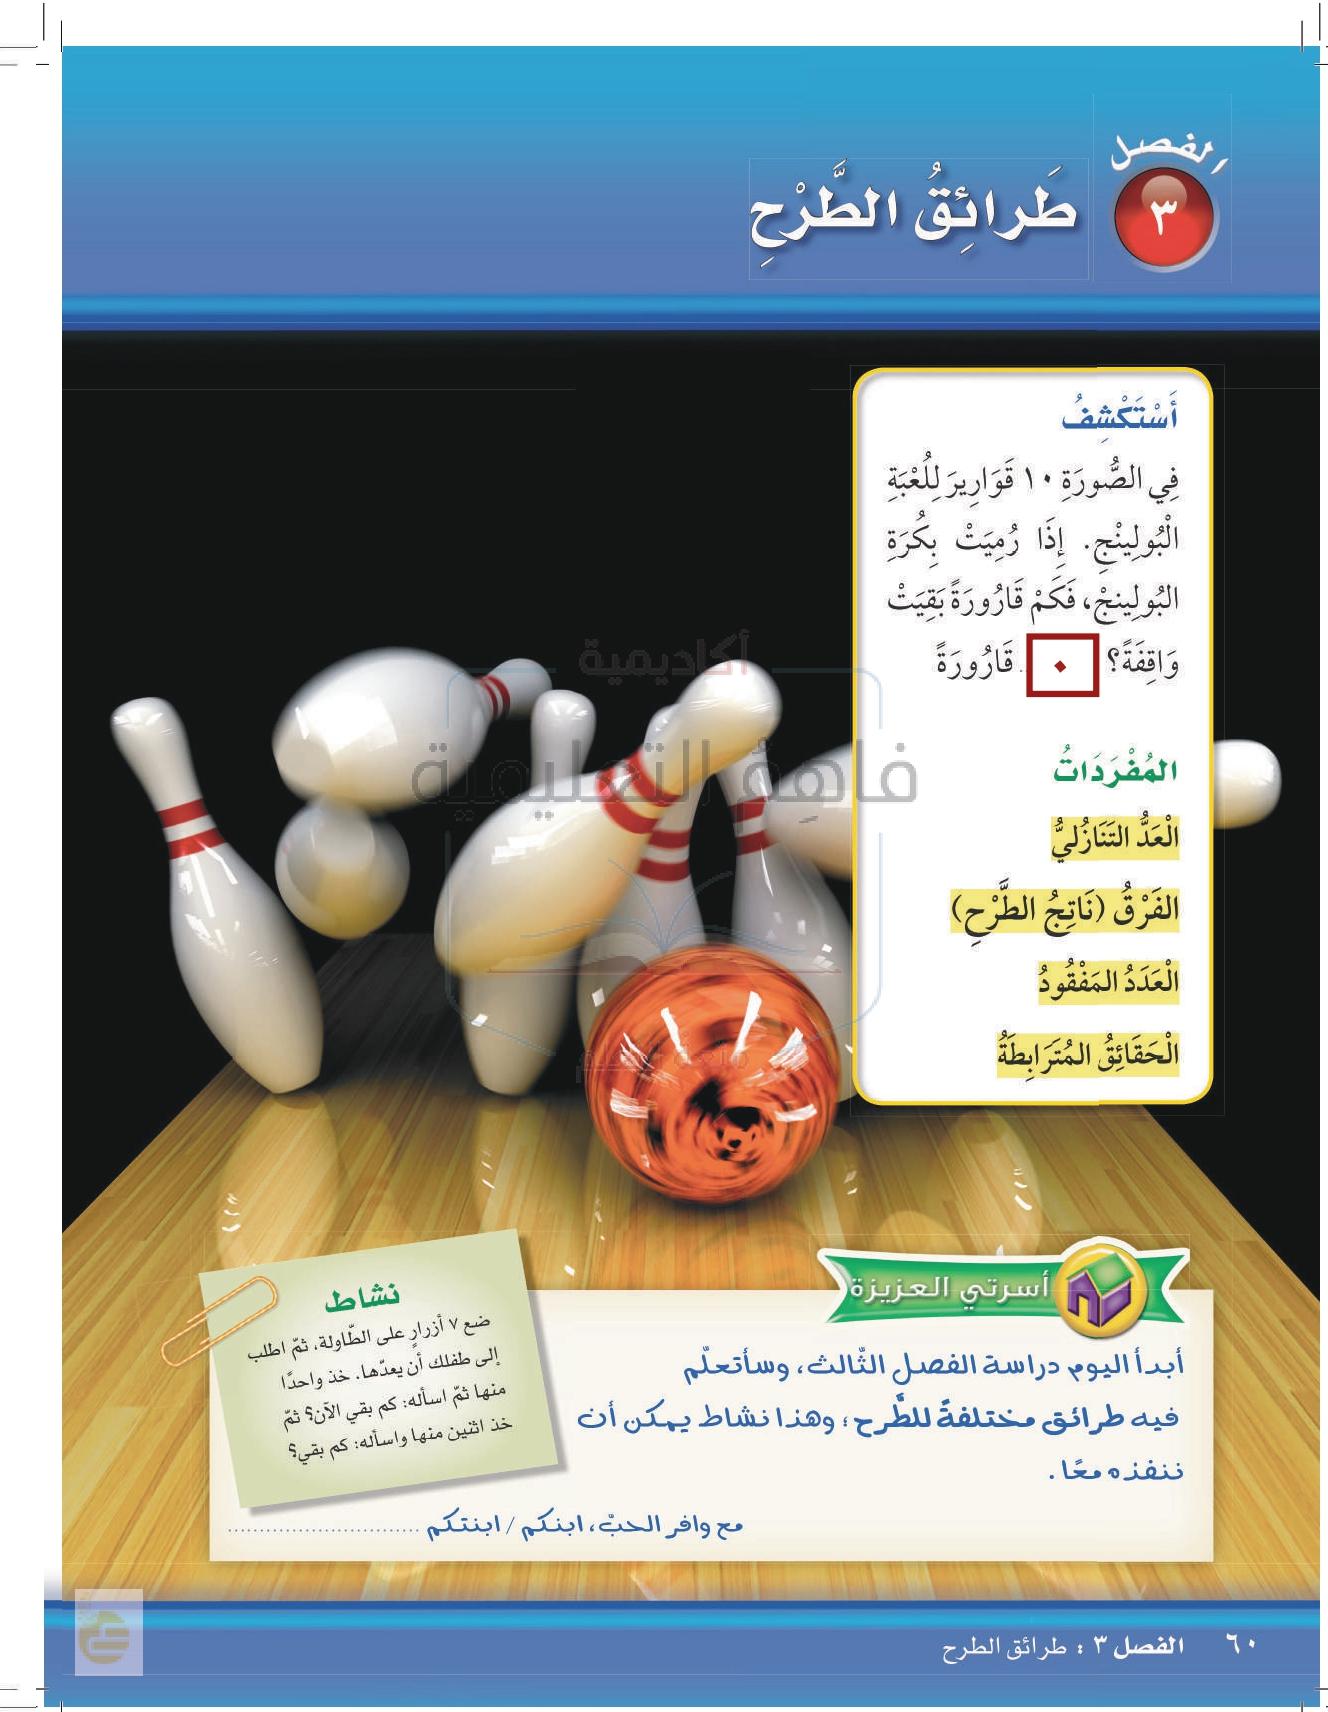 حل رياضيات ثاني ابتدائي – الفصل (3) – طرائق الطرح – صفحة 60-81